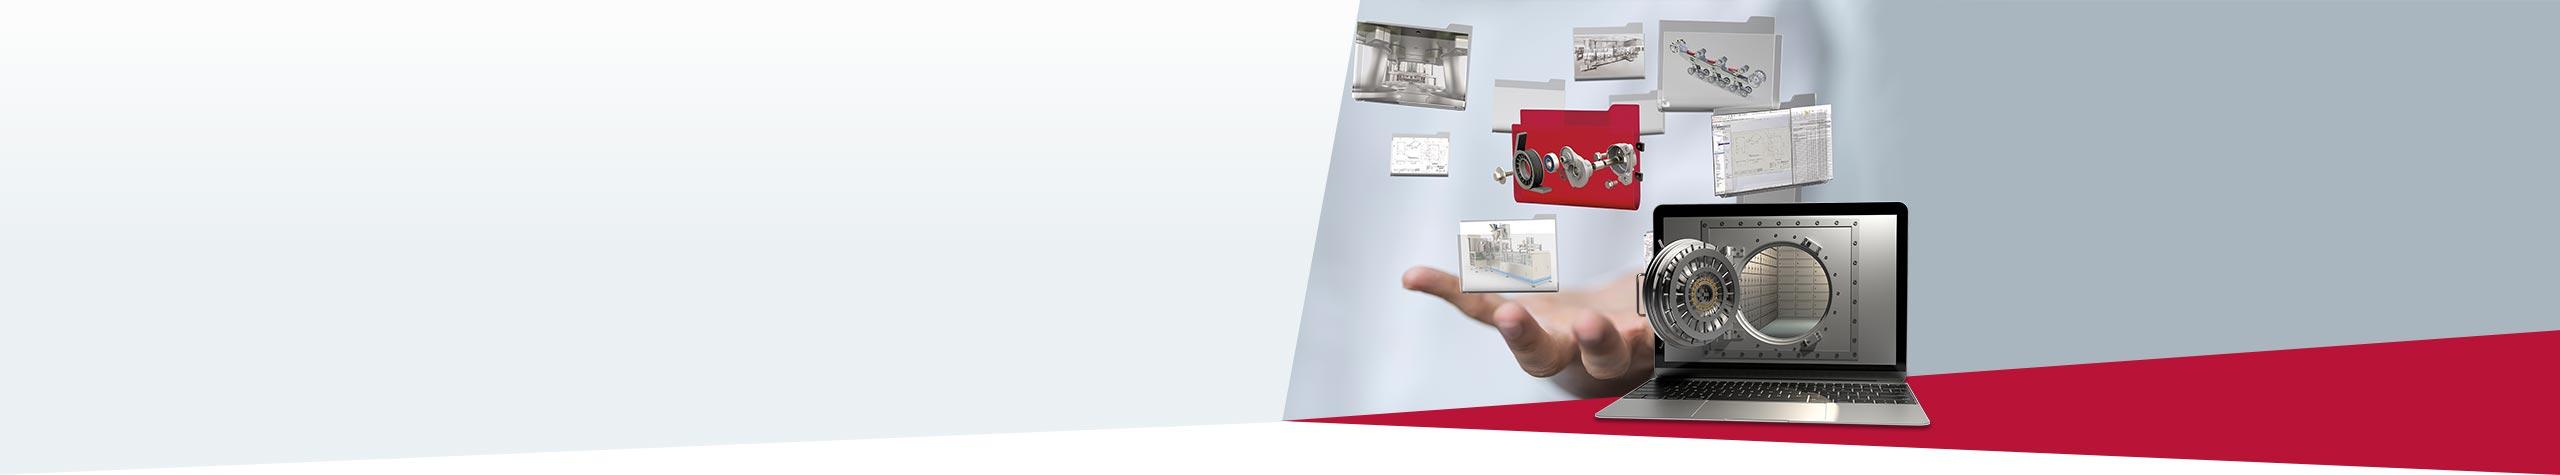 SOLIDWORKS SmartStart PDM Ihr Konstruktionsschatz sicher verwahrt. Zur Aktion